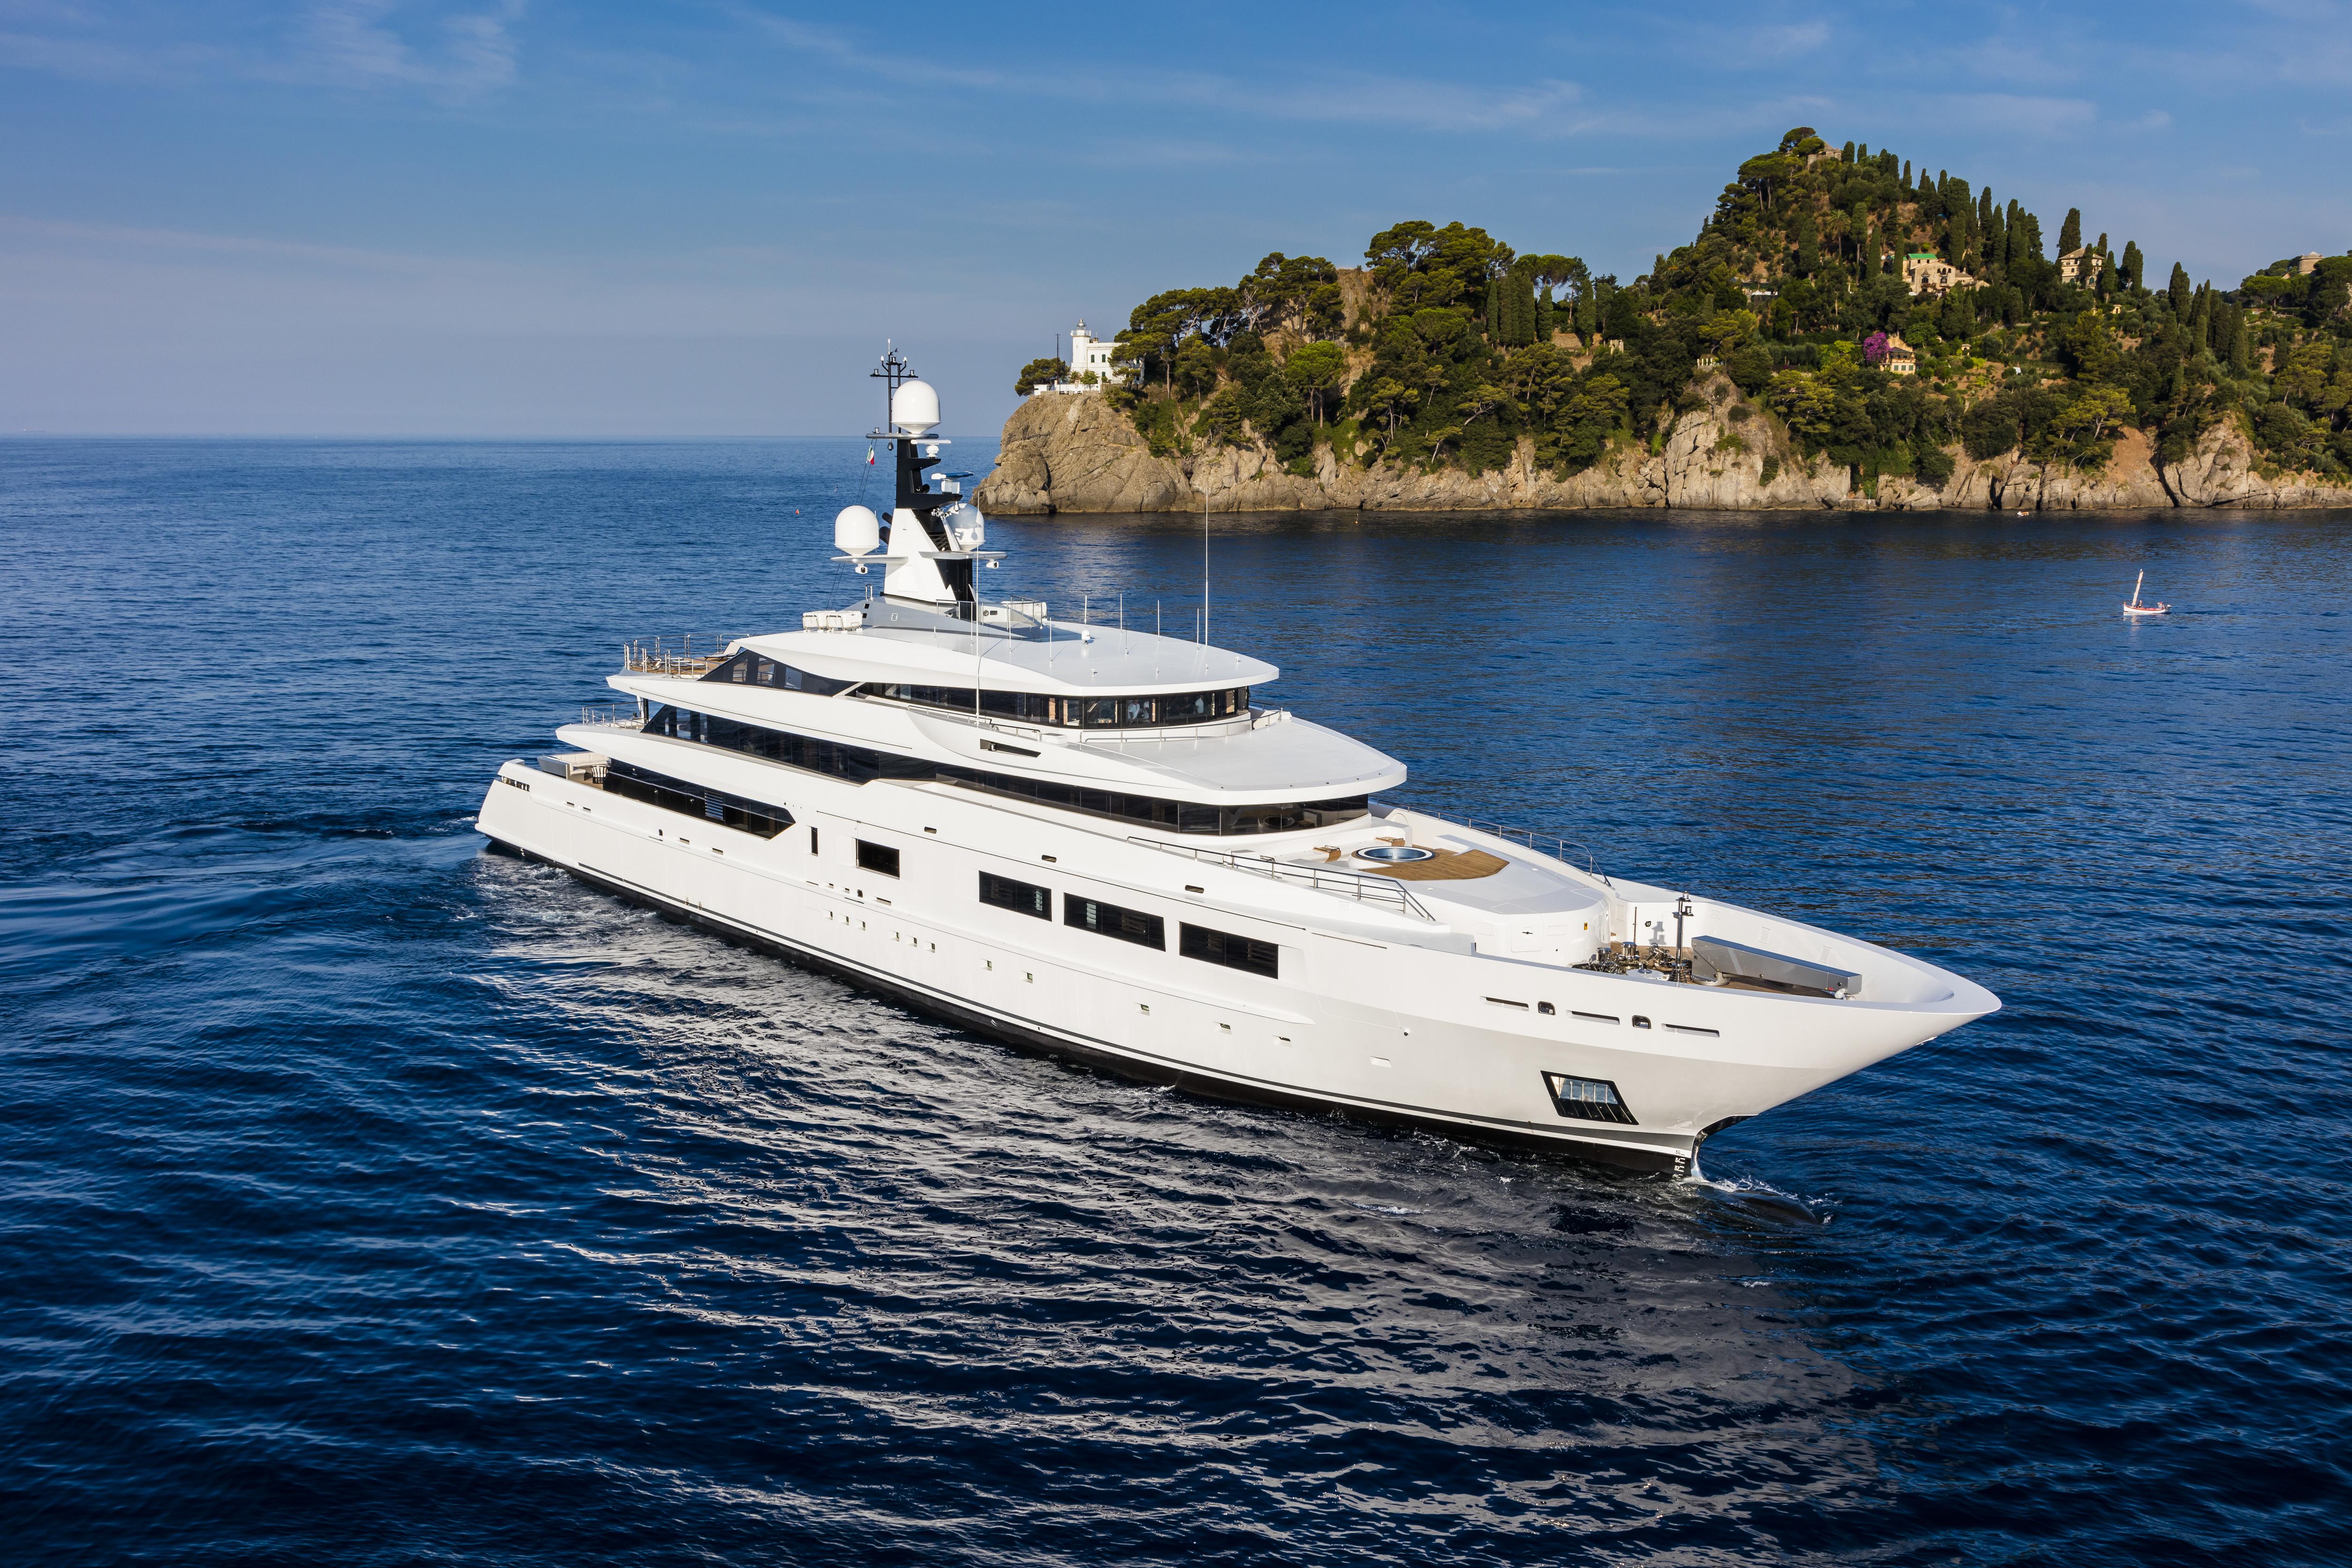 Tankoa Yachts 69 Metre Superyacht Suerte - Underway On The Riviera - Amalfi